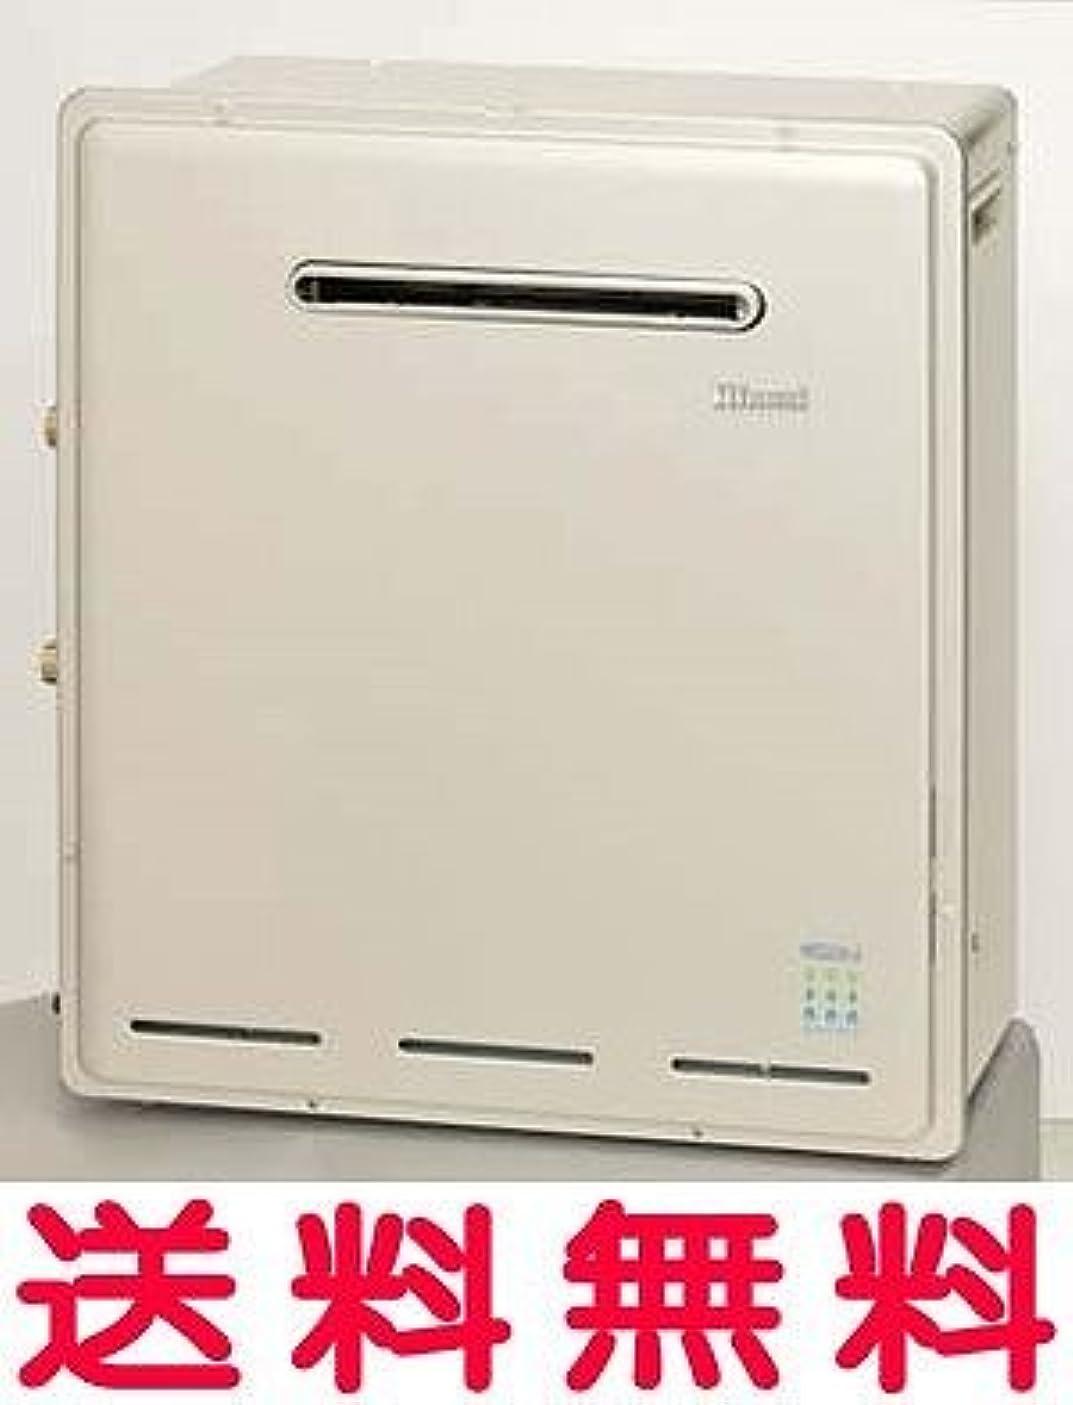 少しエロチック短くするリンナイ ガスふろ給湯器 設置フリータイプ ecoジョーズ RUF-E2004AG(A) フルオート 屋外据置型20号【RUF-E2004AG-A】 エコジョーズ【RUFE2004AGA】 LPG(プロパンガス)